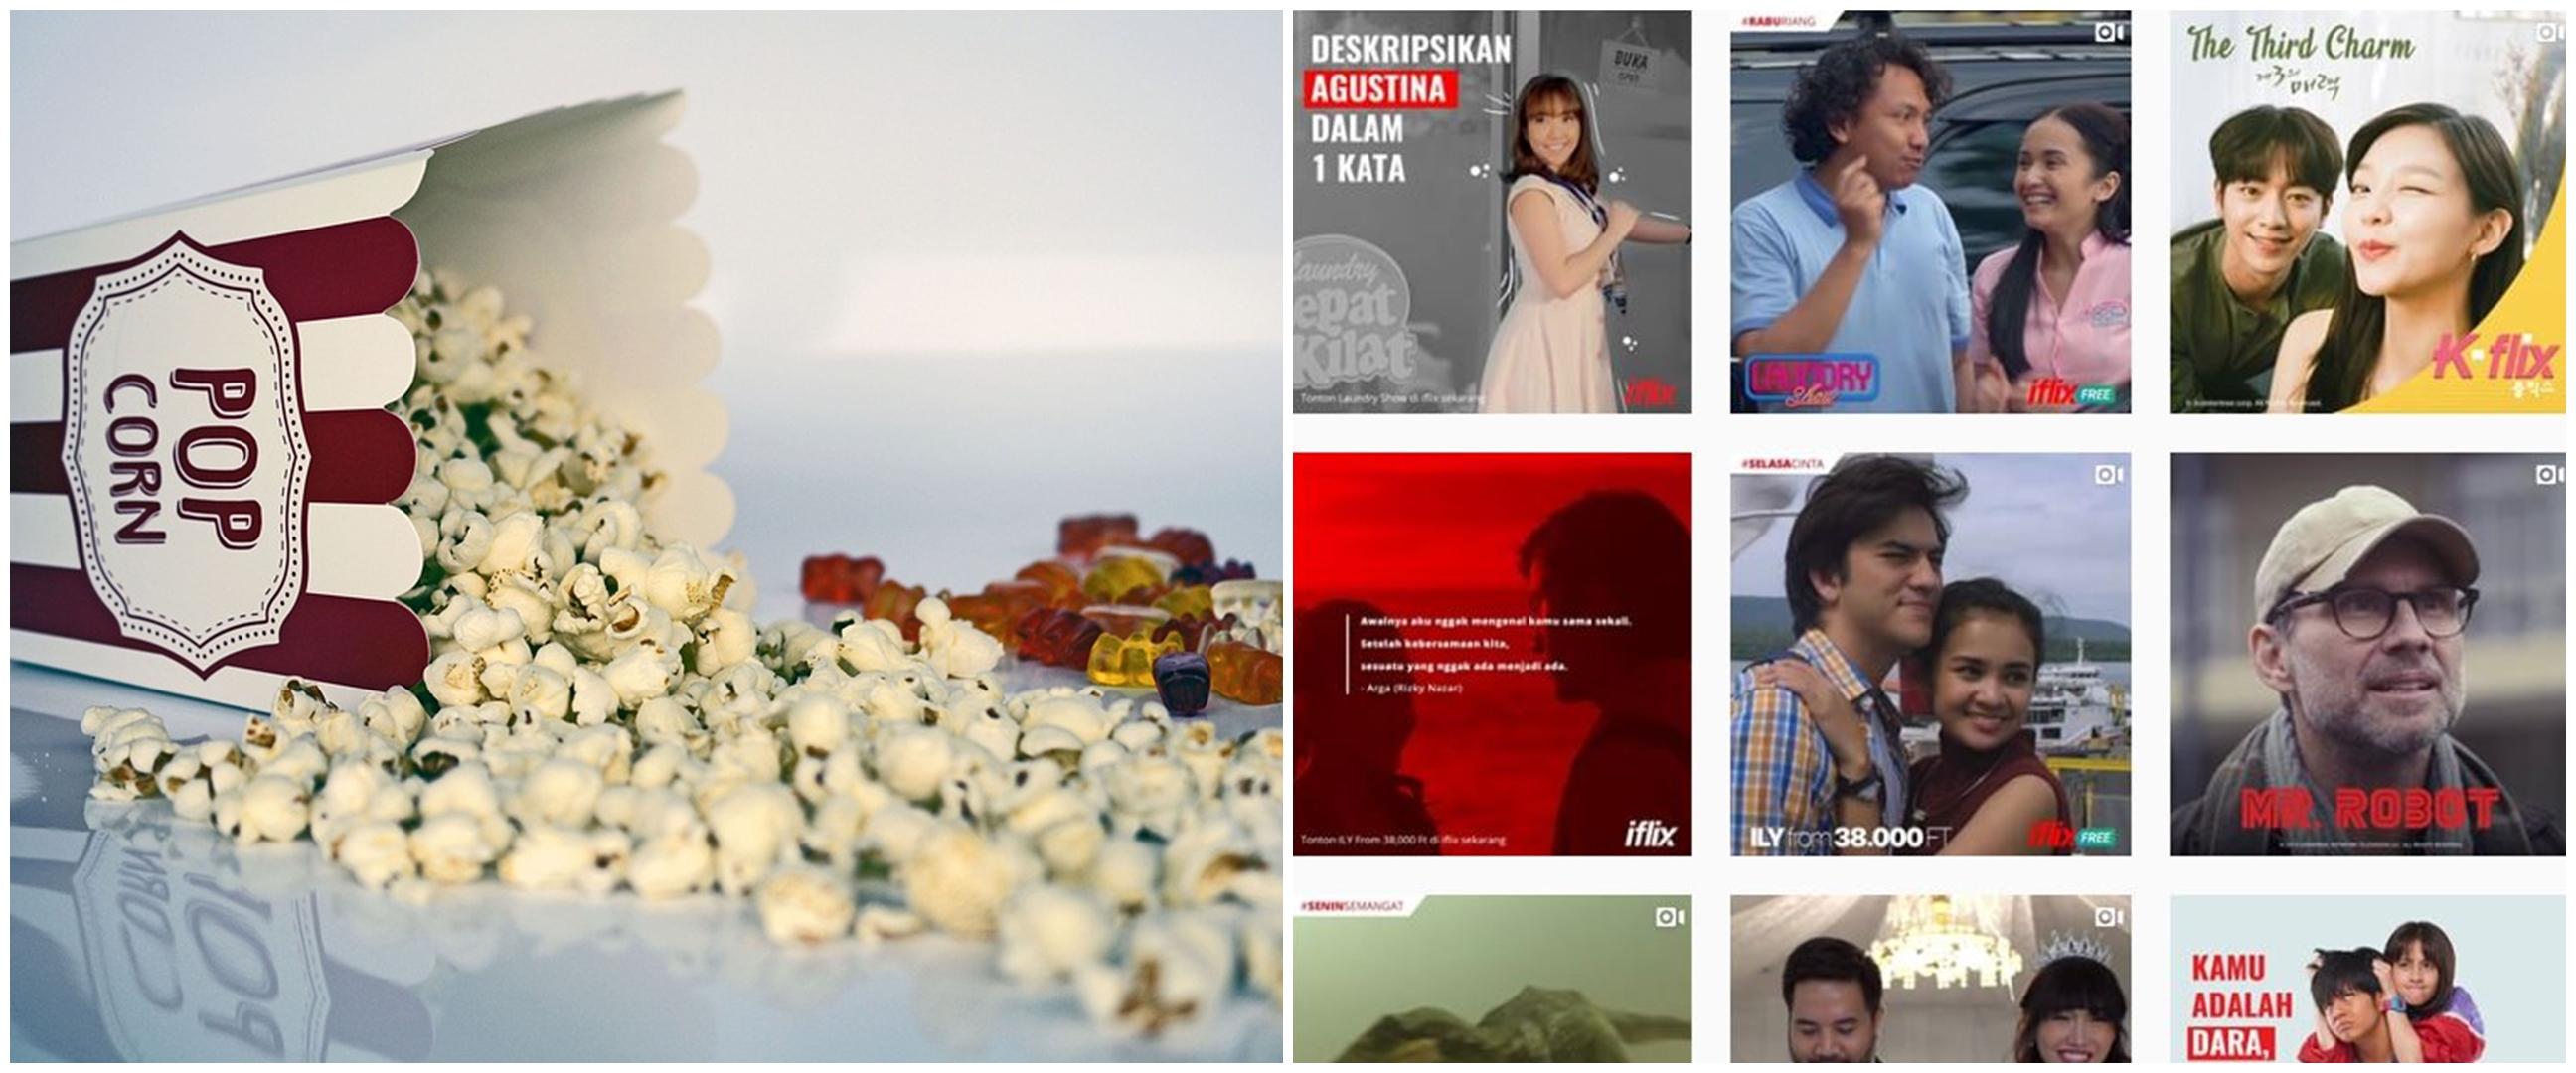 7 Aplikasi nonton film terbaik, legal dan bisa di-download